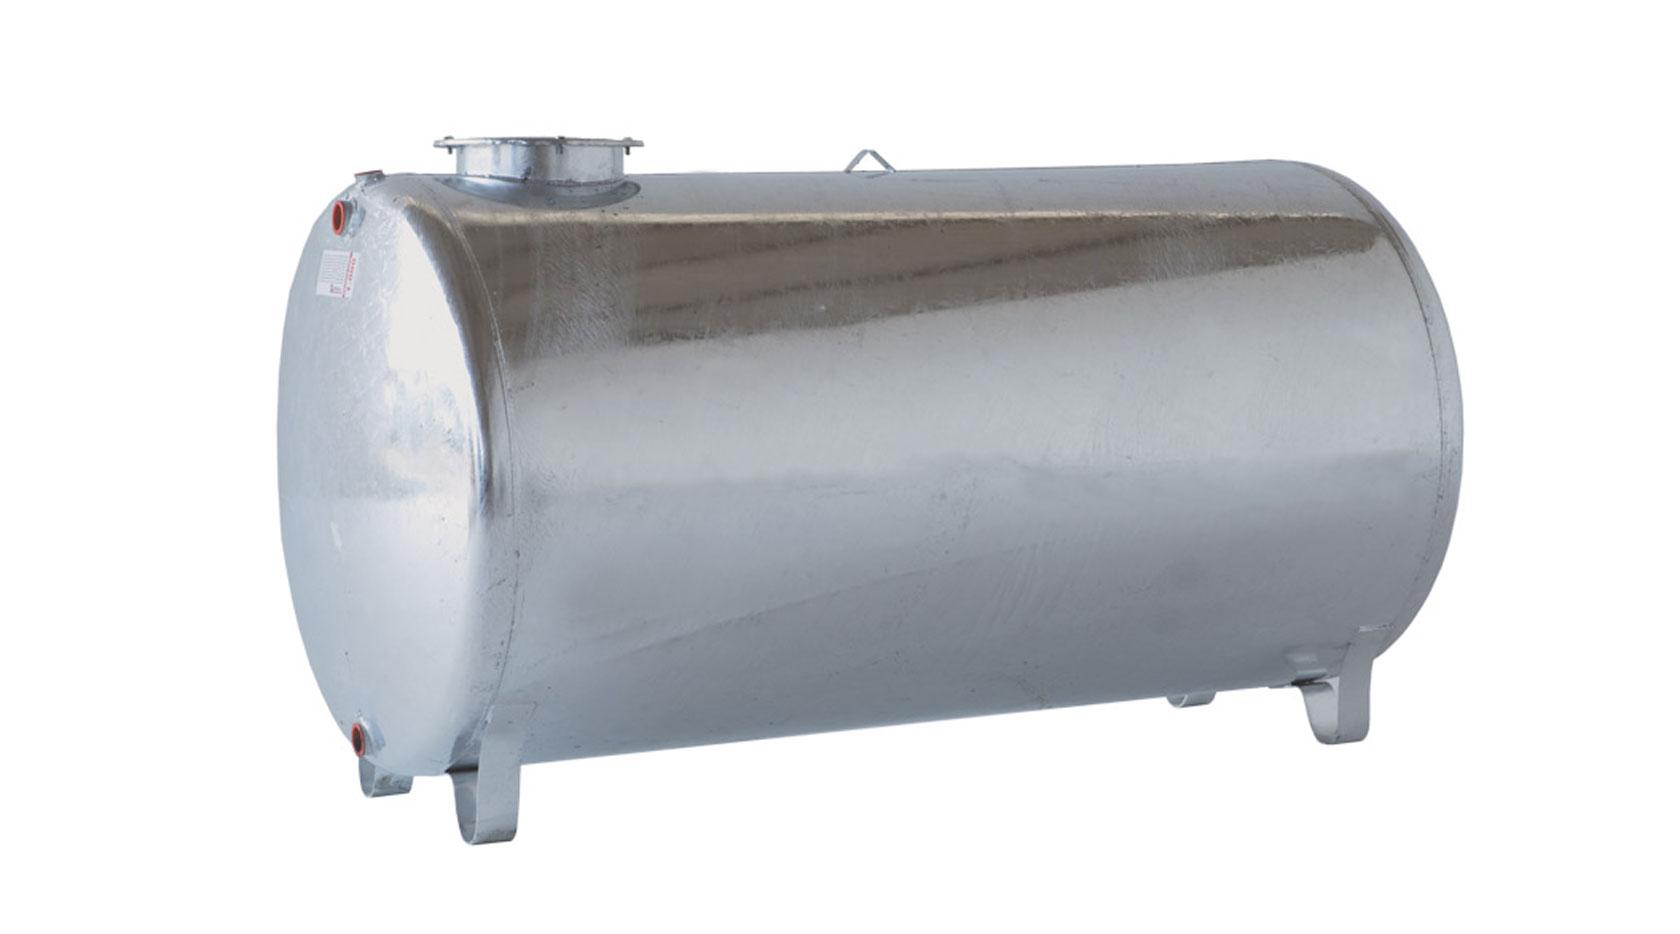 Serbatoio zincato 5000 litri orizzontale imbriano srl for Serbatoio di acqua di rame